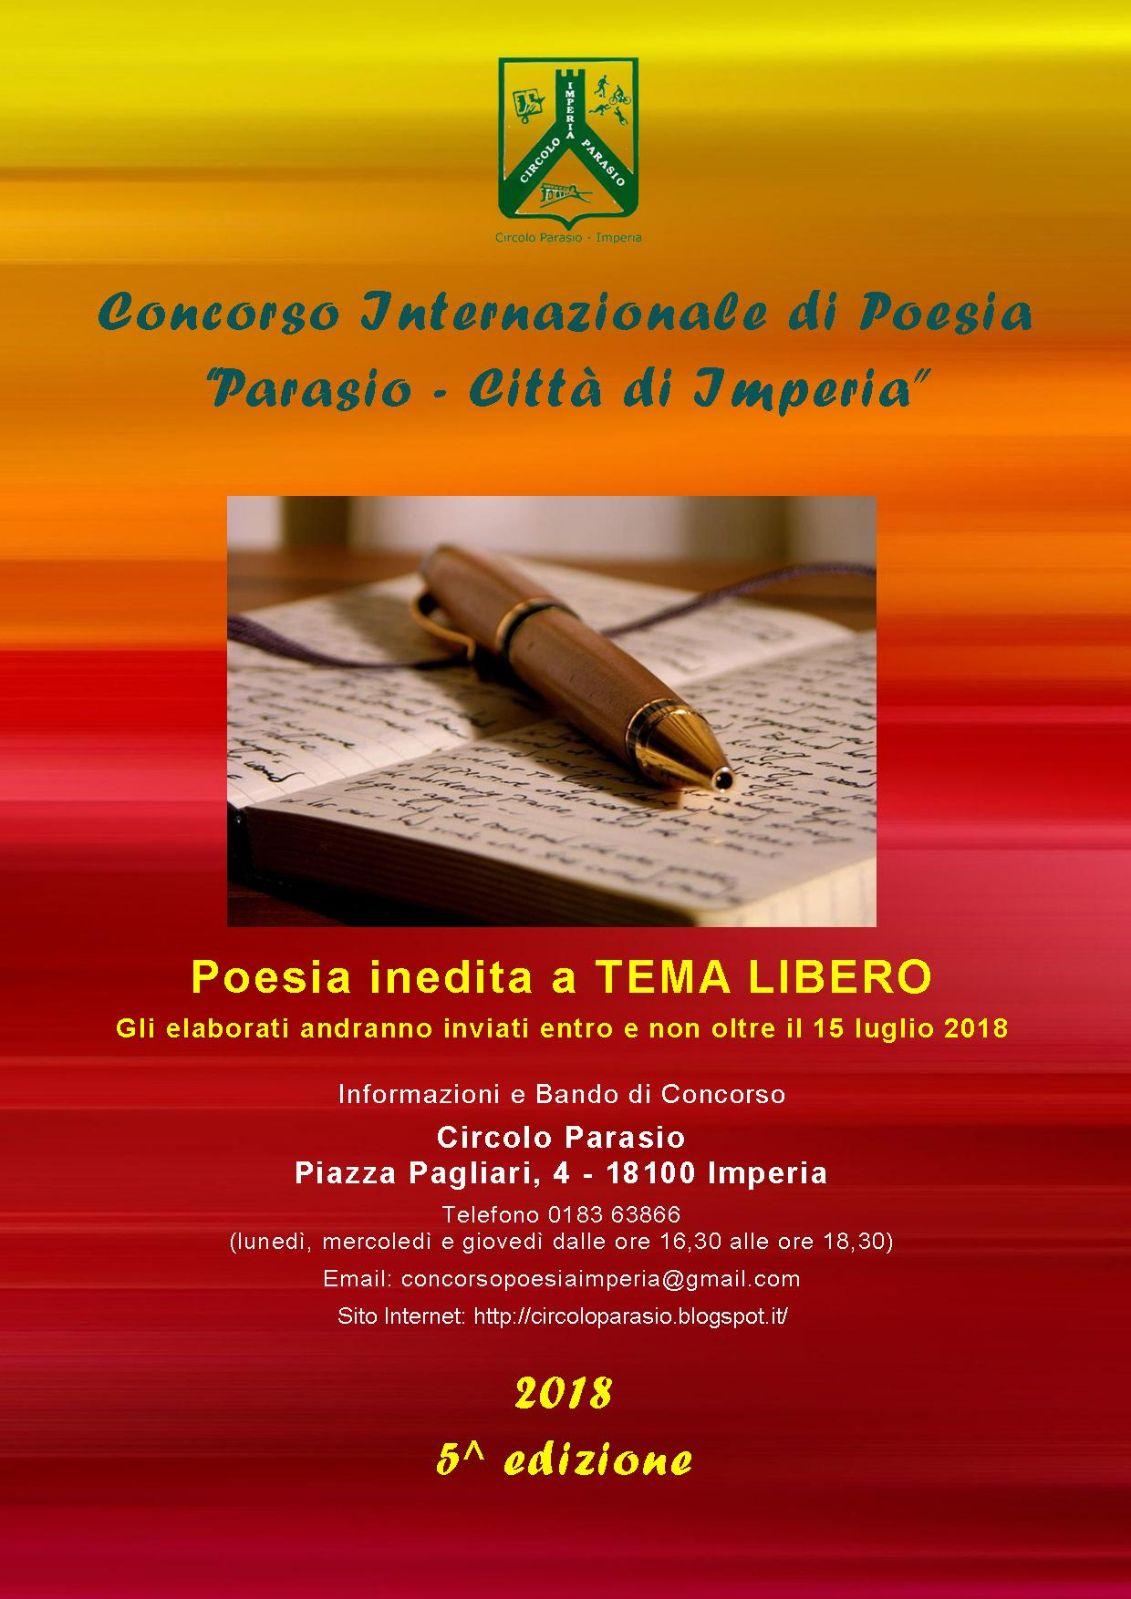 Concorso di poesia Internazionale